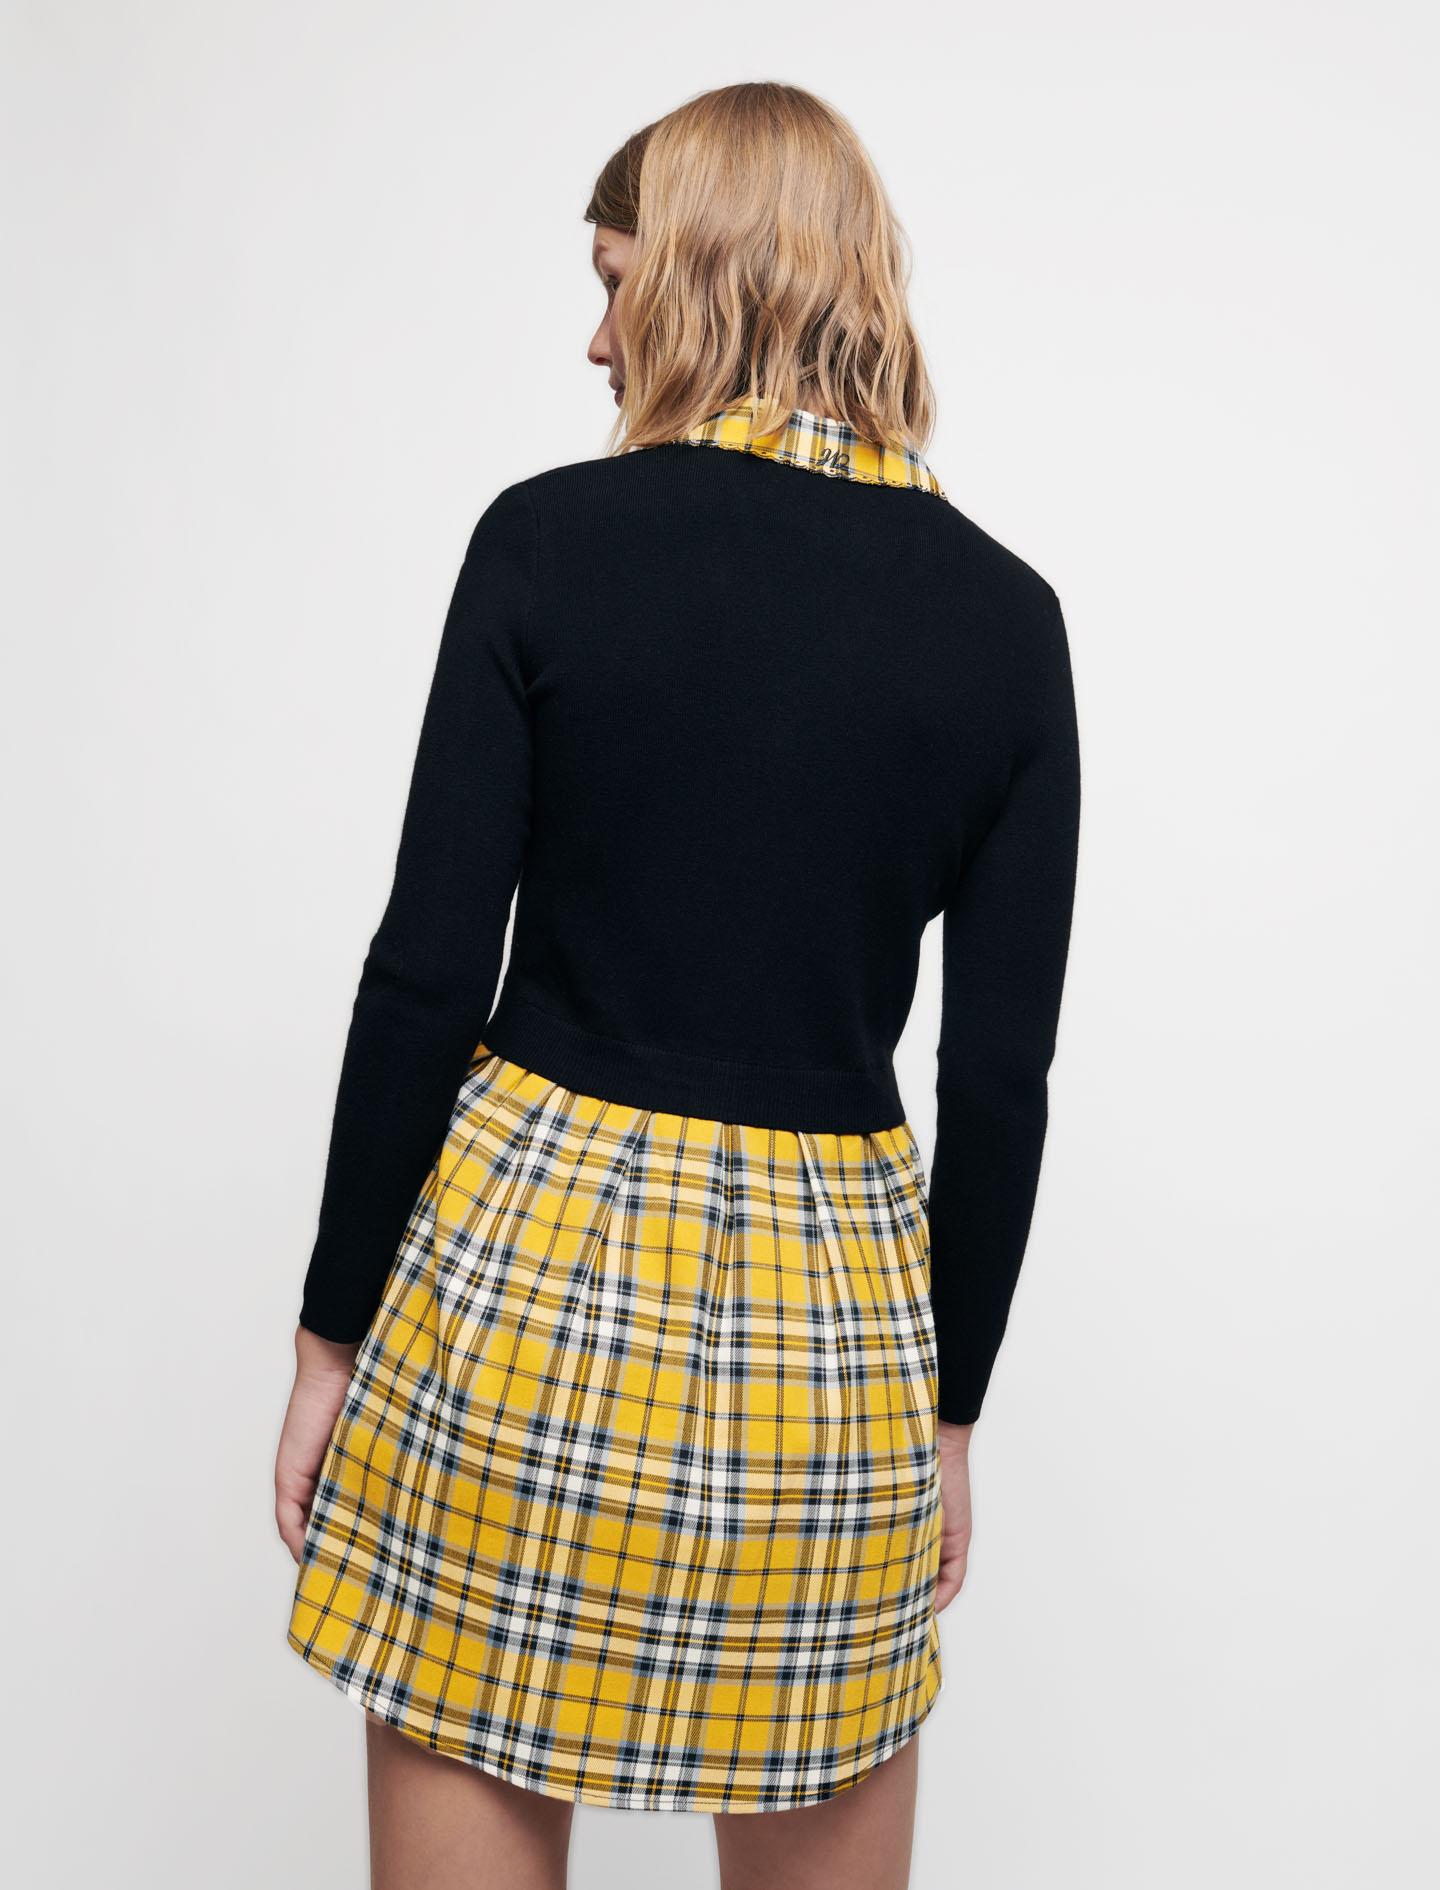 Trompe-l'oeil tartan-style dress - Yellow